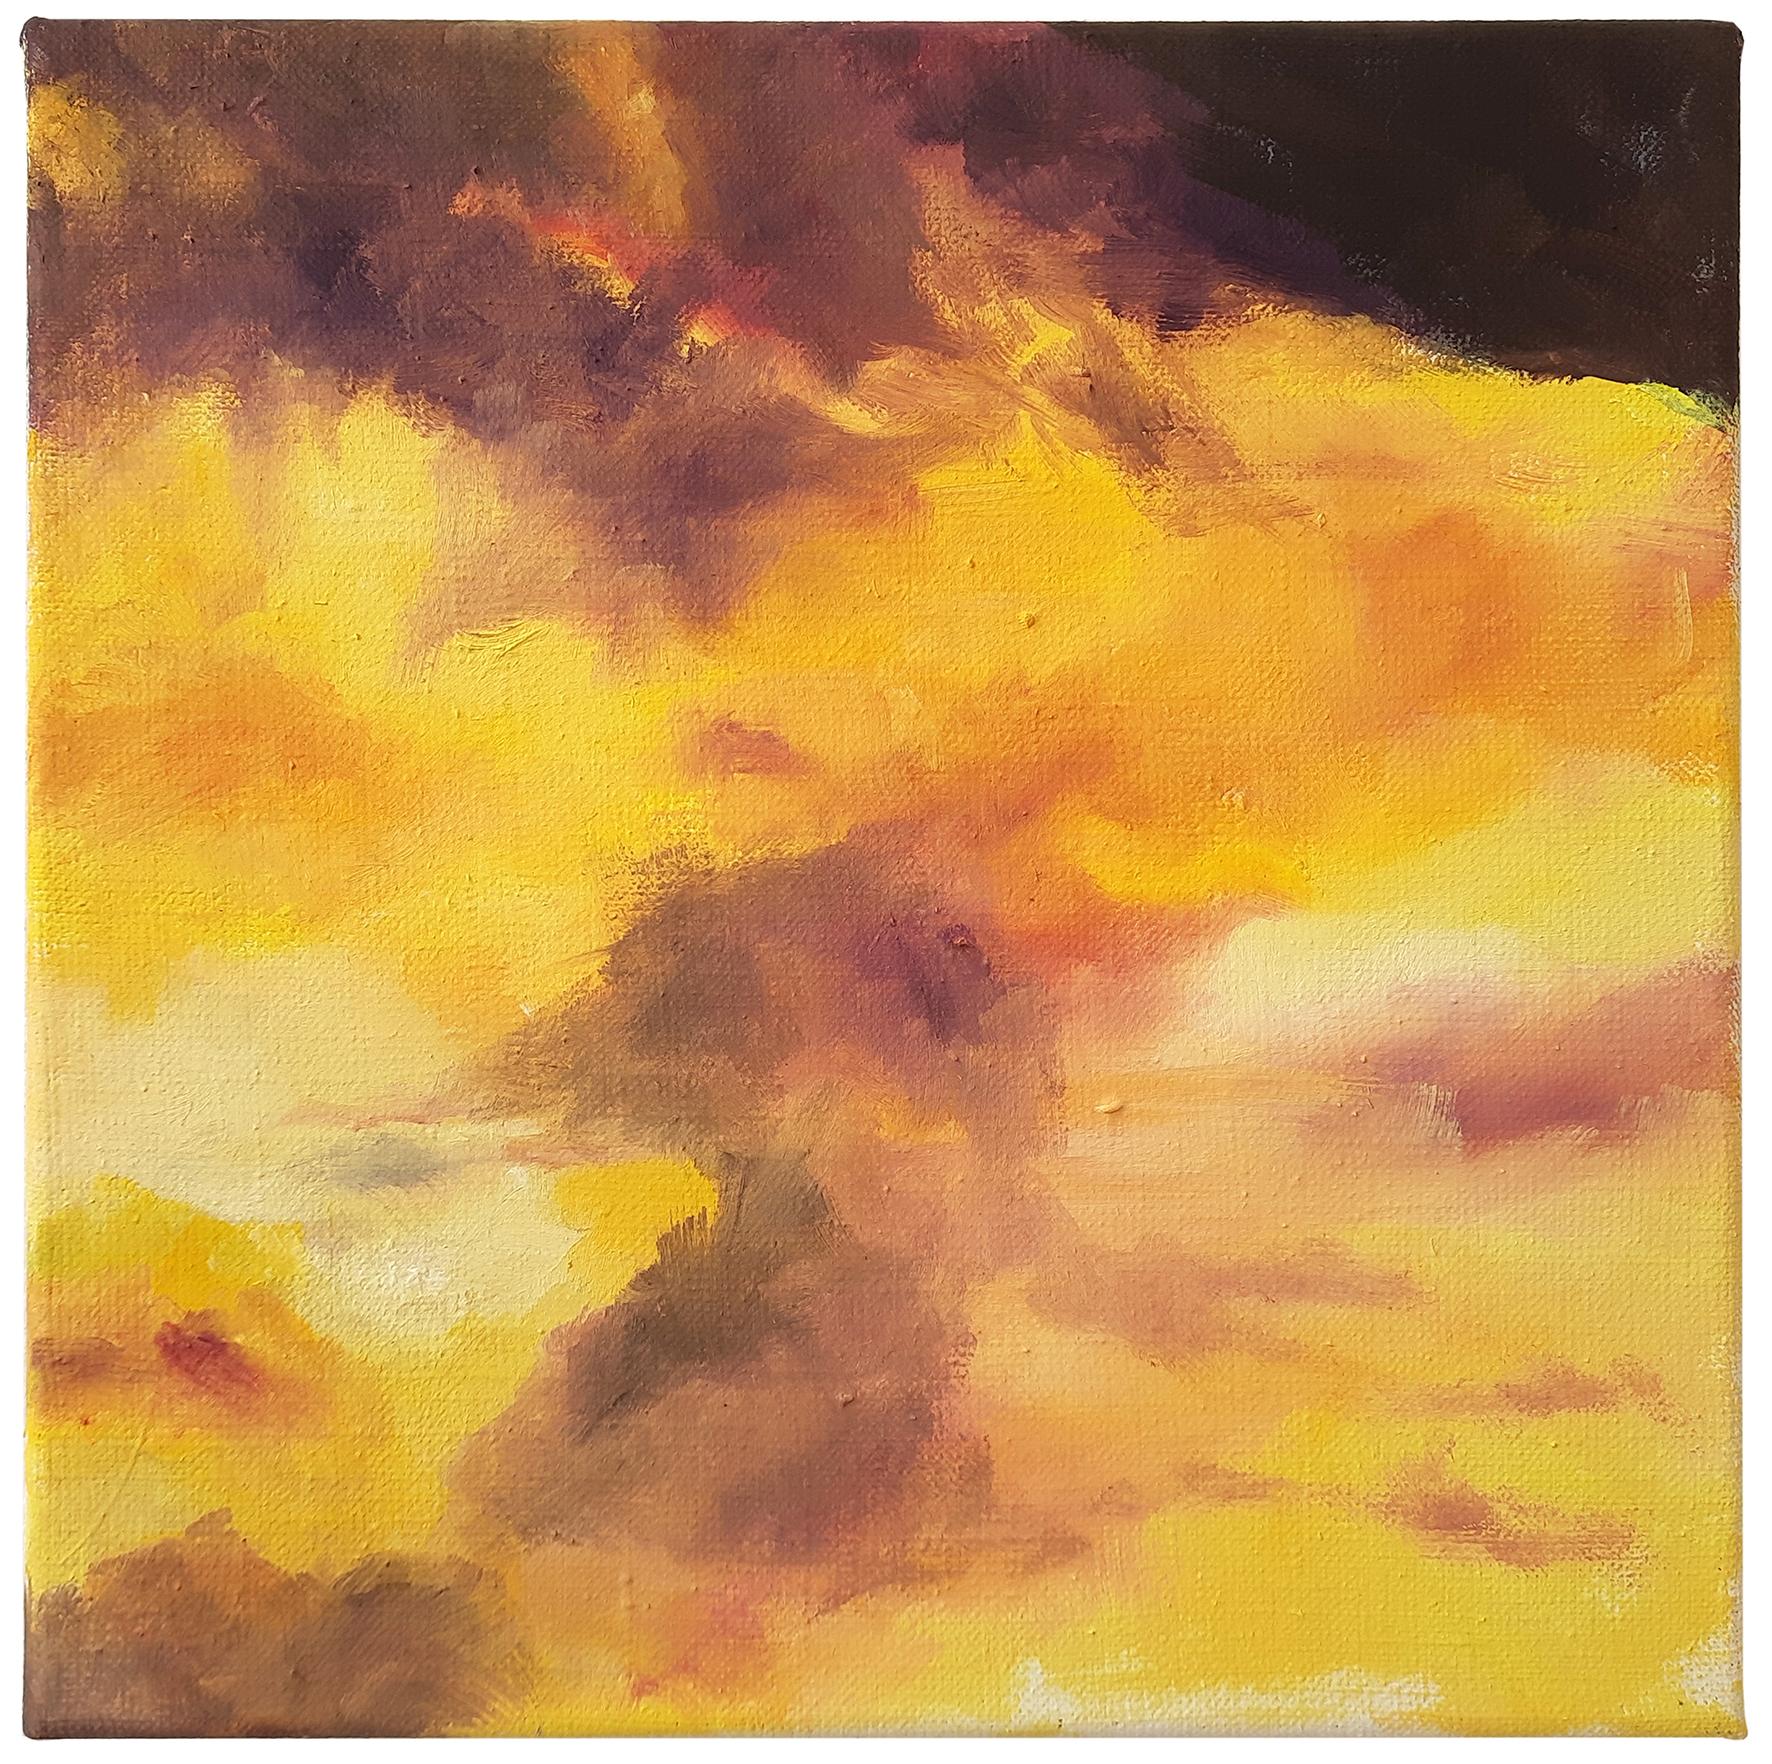 Wolken-gelb-VII, 2020, Öl/Leinwand, 30x30cm